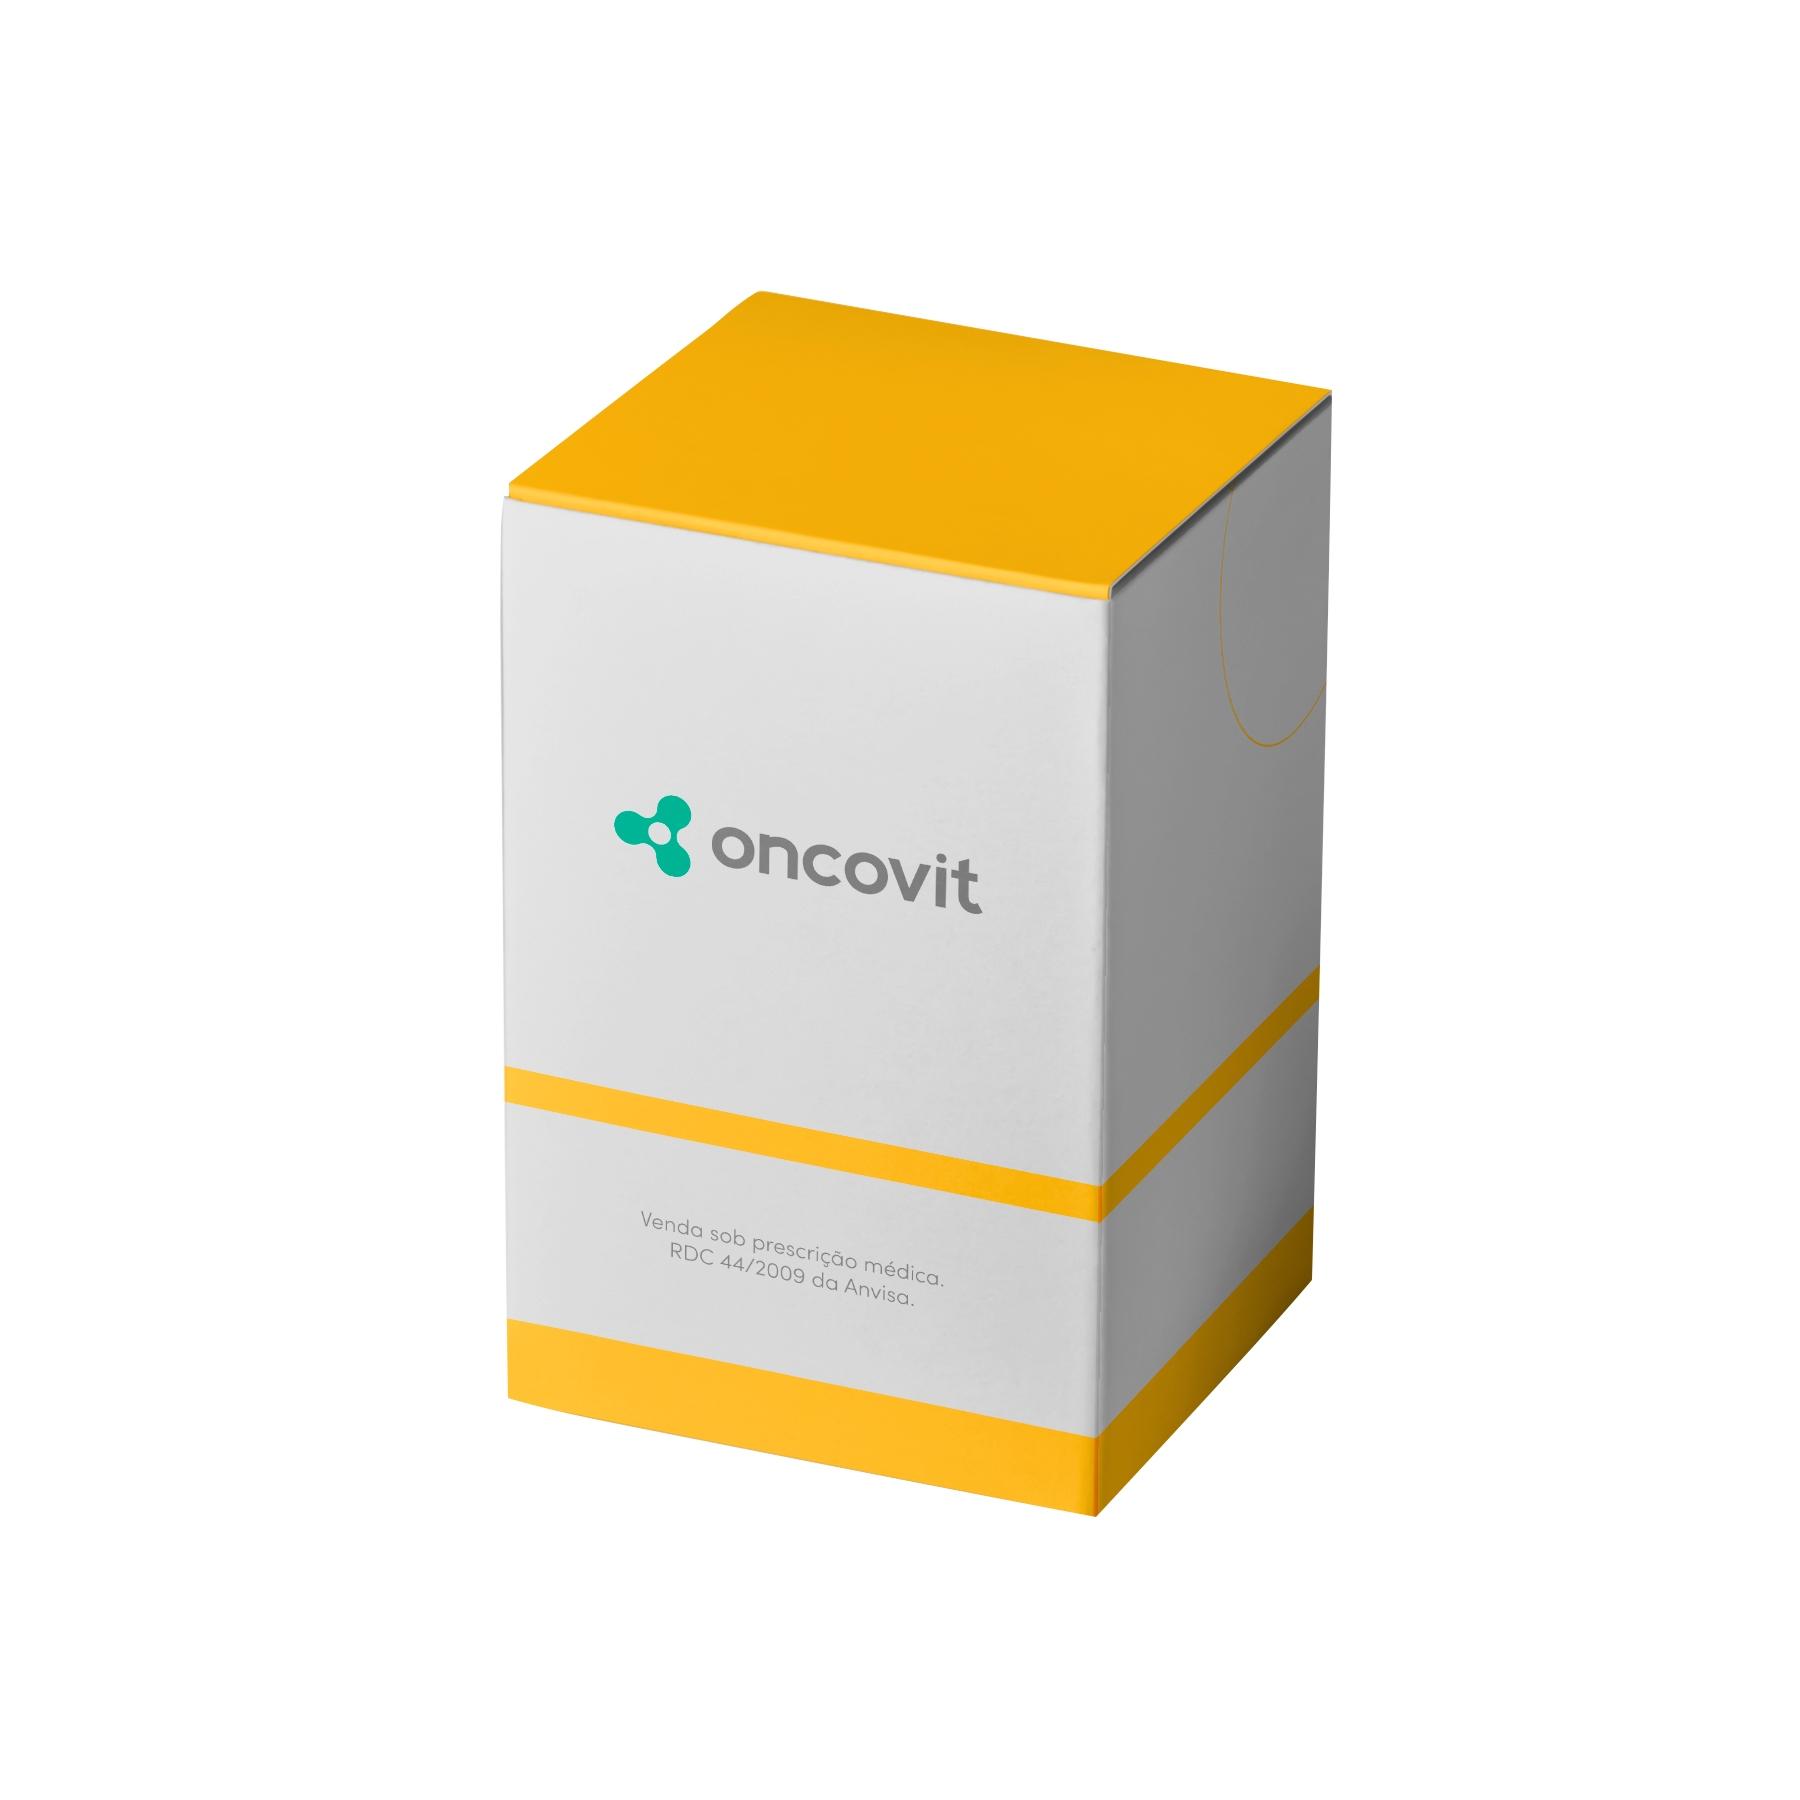 Hemax Eritron 10.000UI caixa com 1 frasco-ampola com pó para solução de uso intravenoso ou subcutâneo + 1 ampola com 1mL de diluente